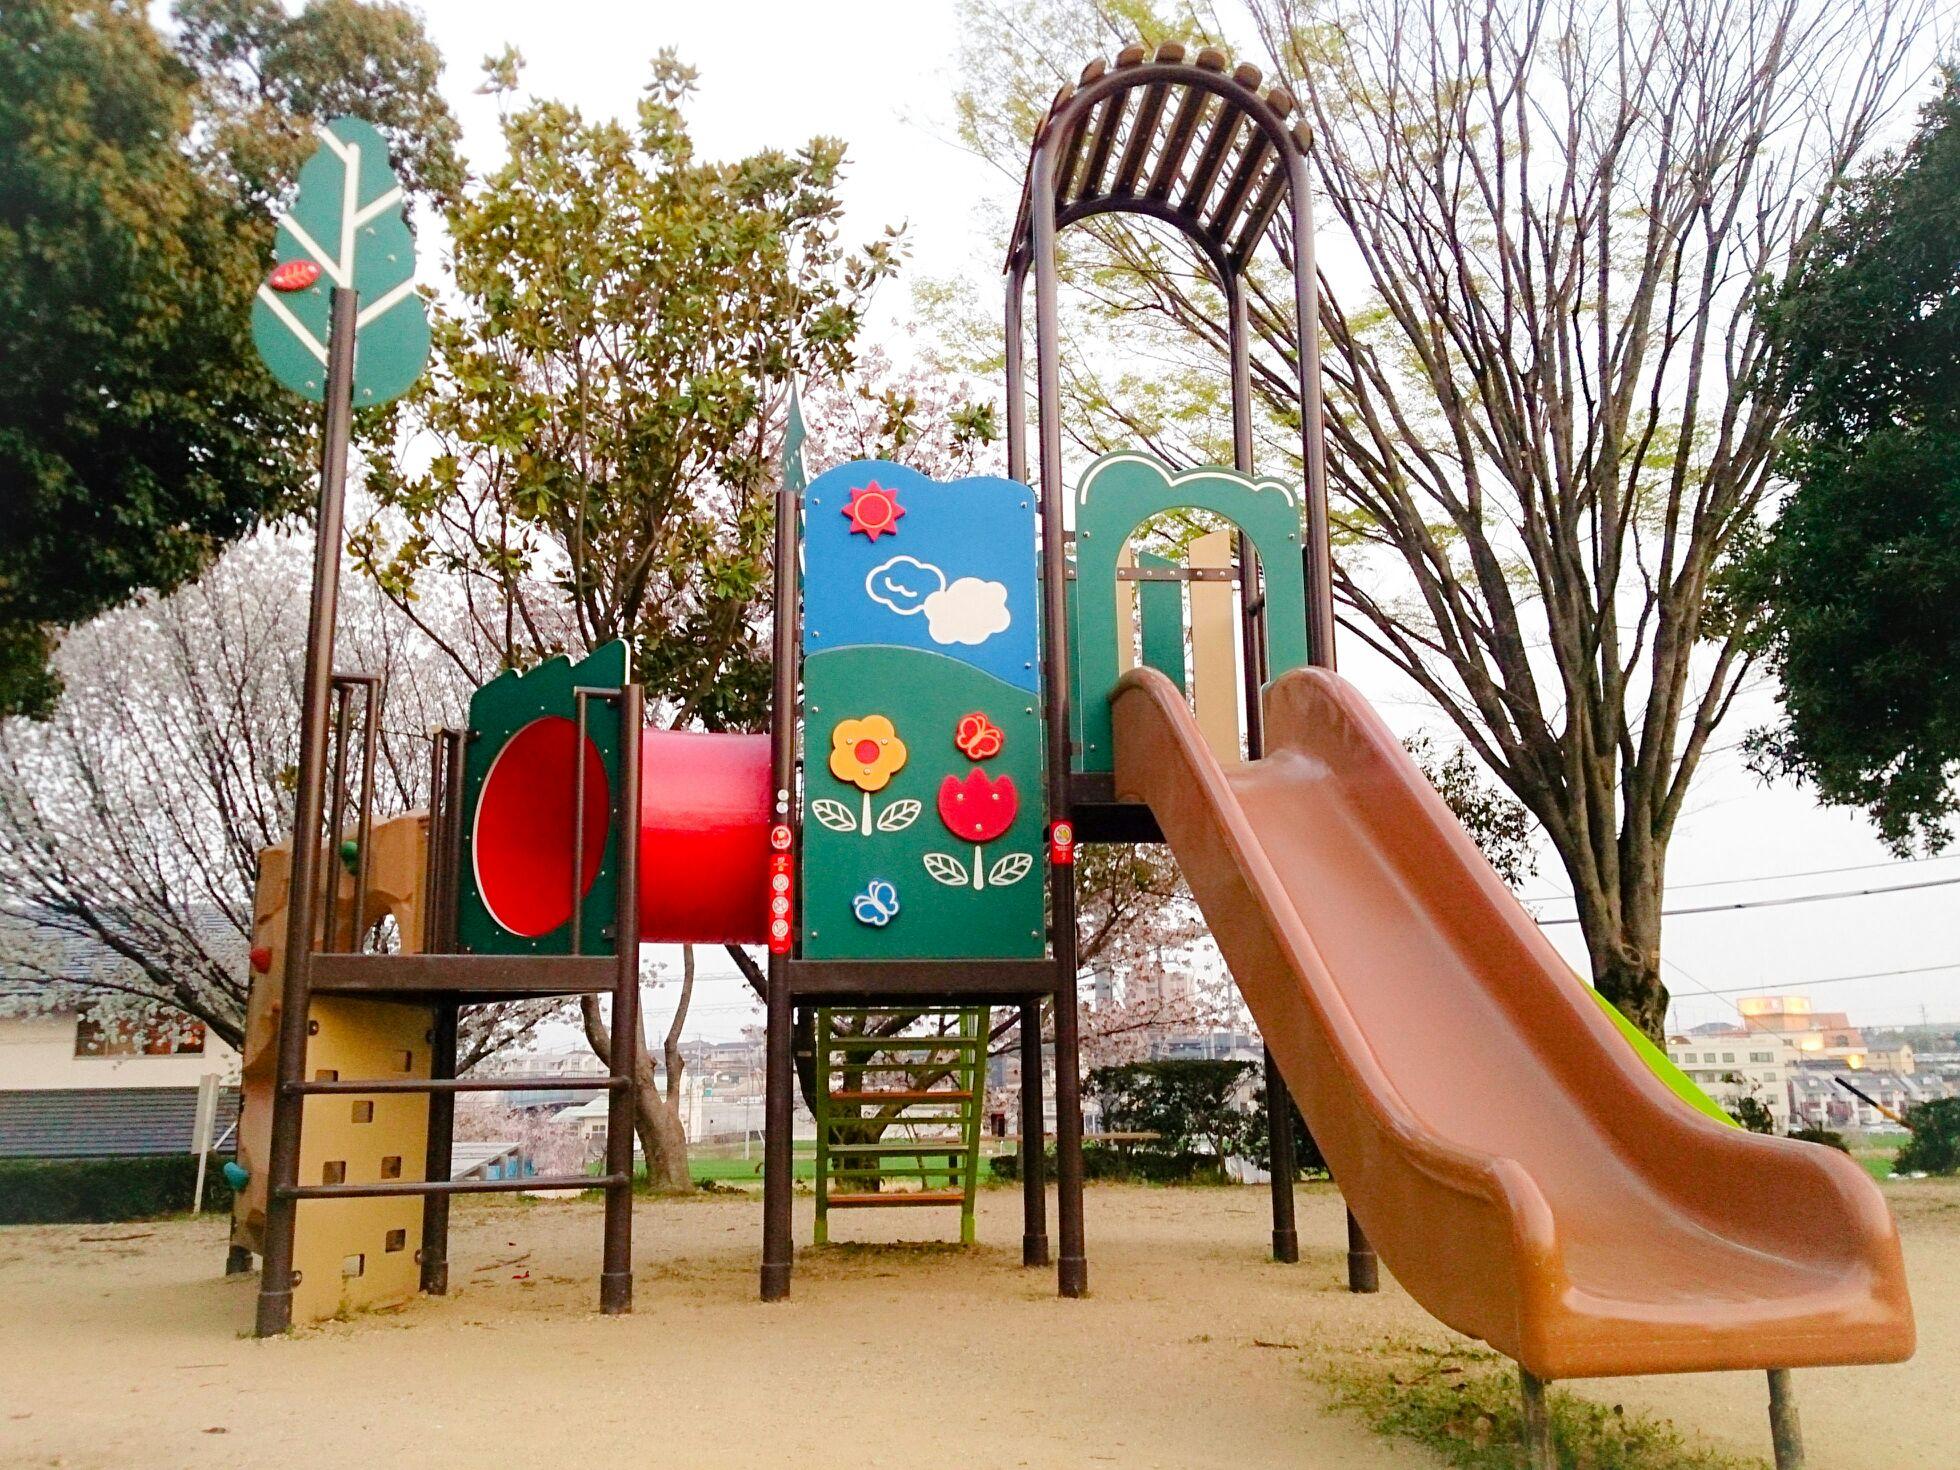 ソリで遊ぶ!?土橋公園